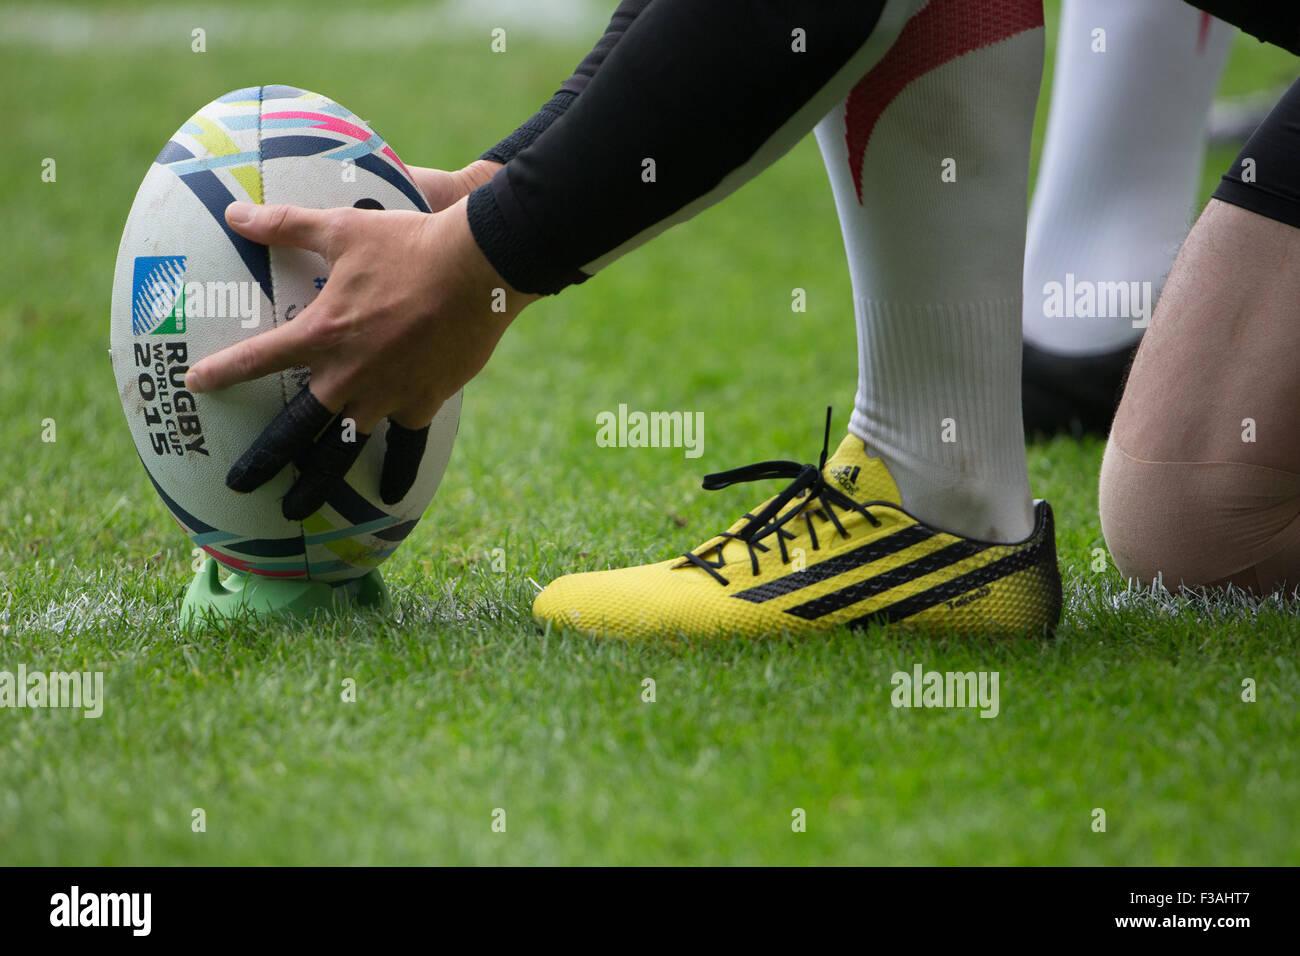 Stadium MK, Milton Keynes, Regno Unito. 3° OTT 2015. Coppa del Mondo di Rugby 2015 corrispondono 24 - Samoa Immagini Stock